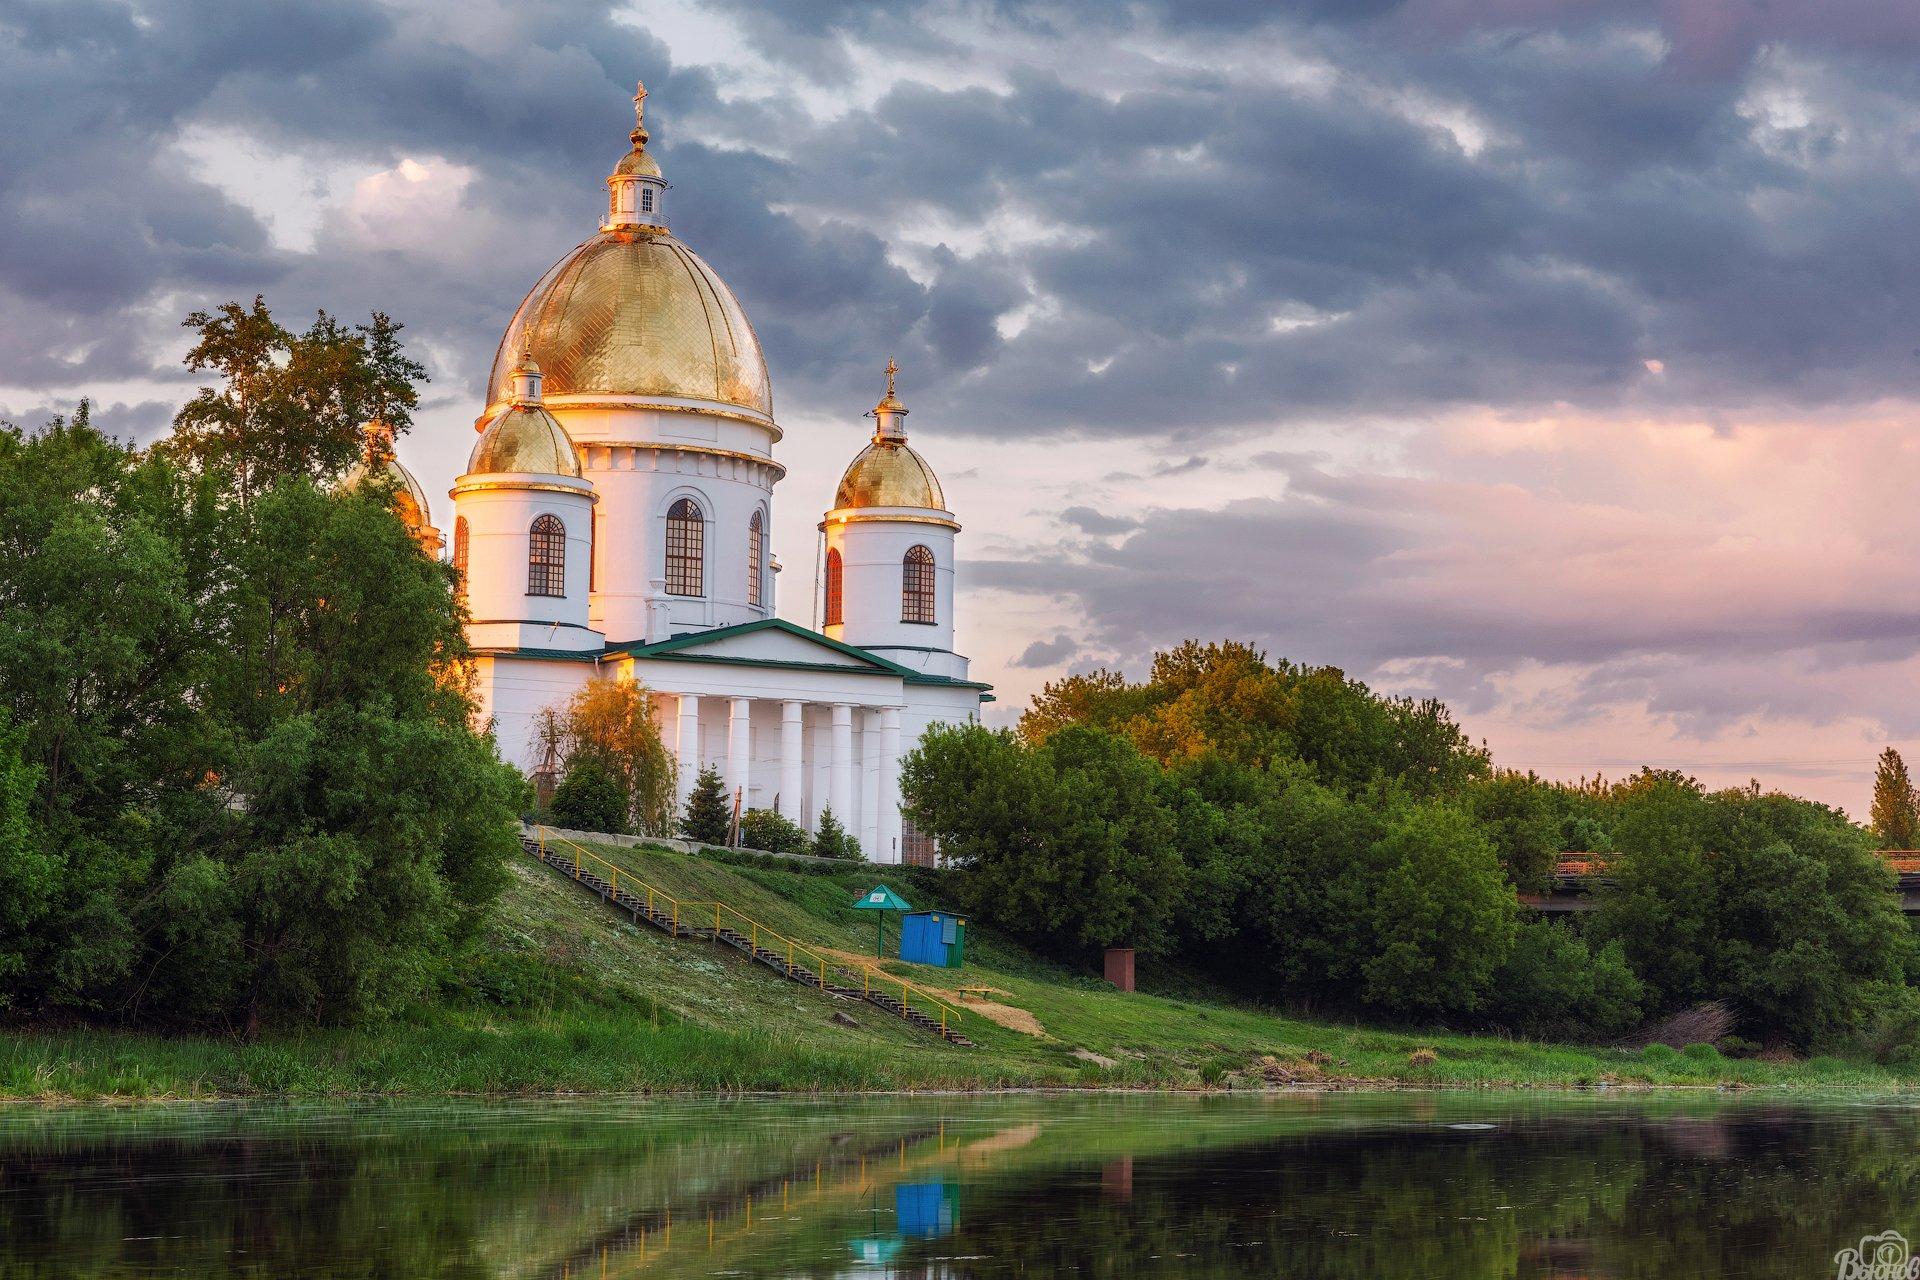 моршанск,собор,моршанский свято-троицкий собор, Вьюнов Сергей